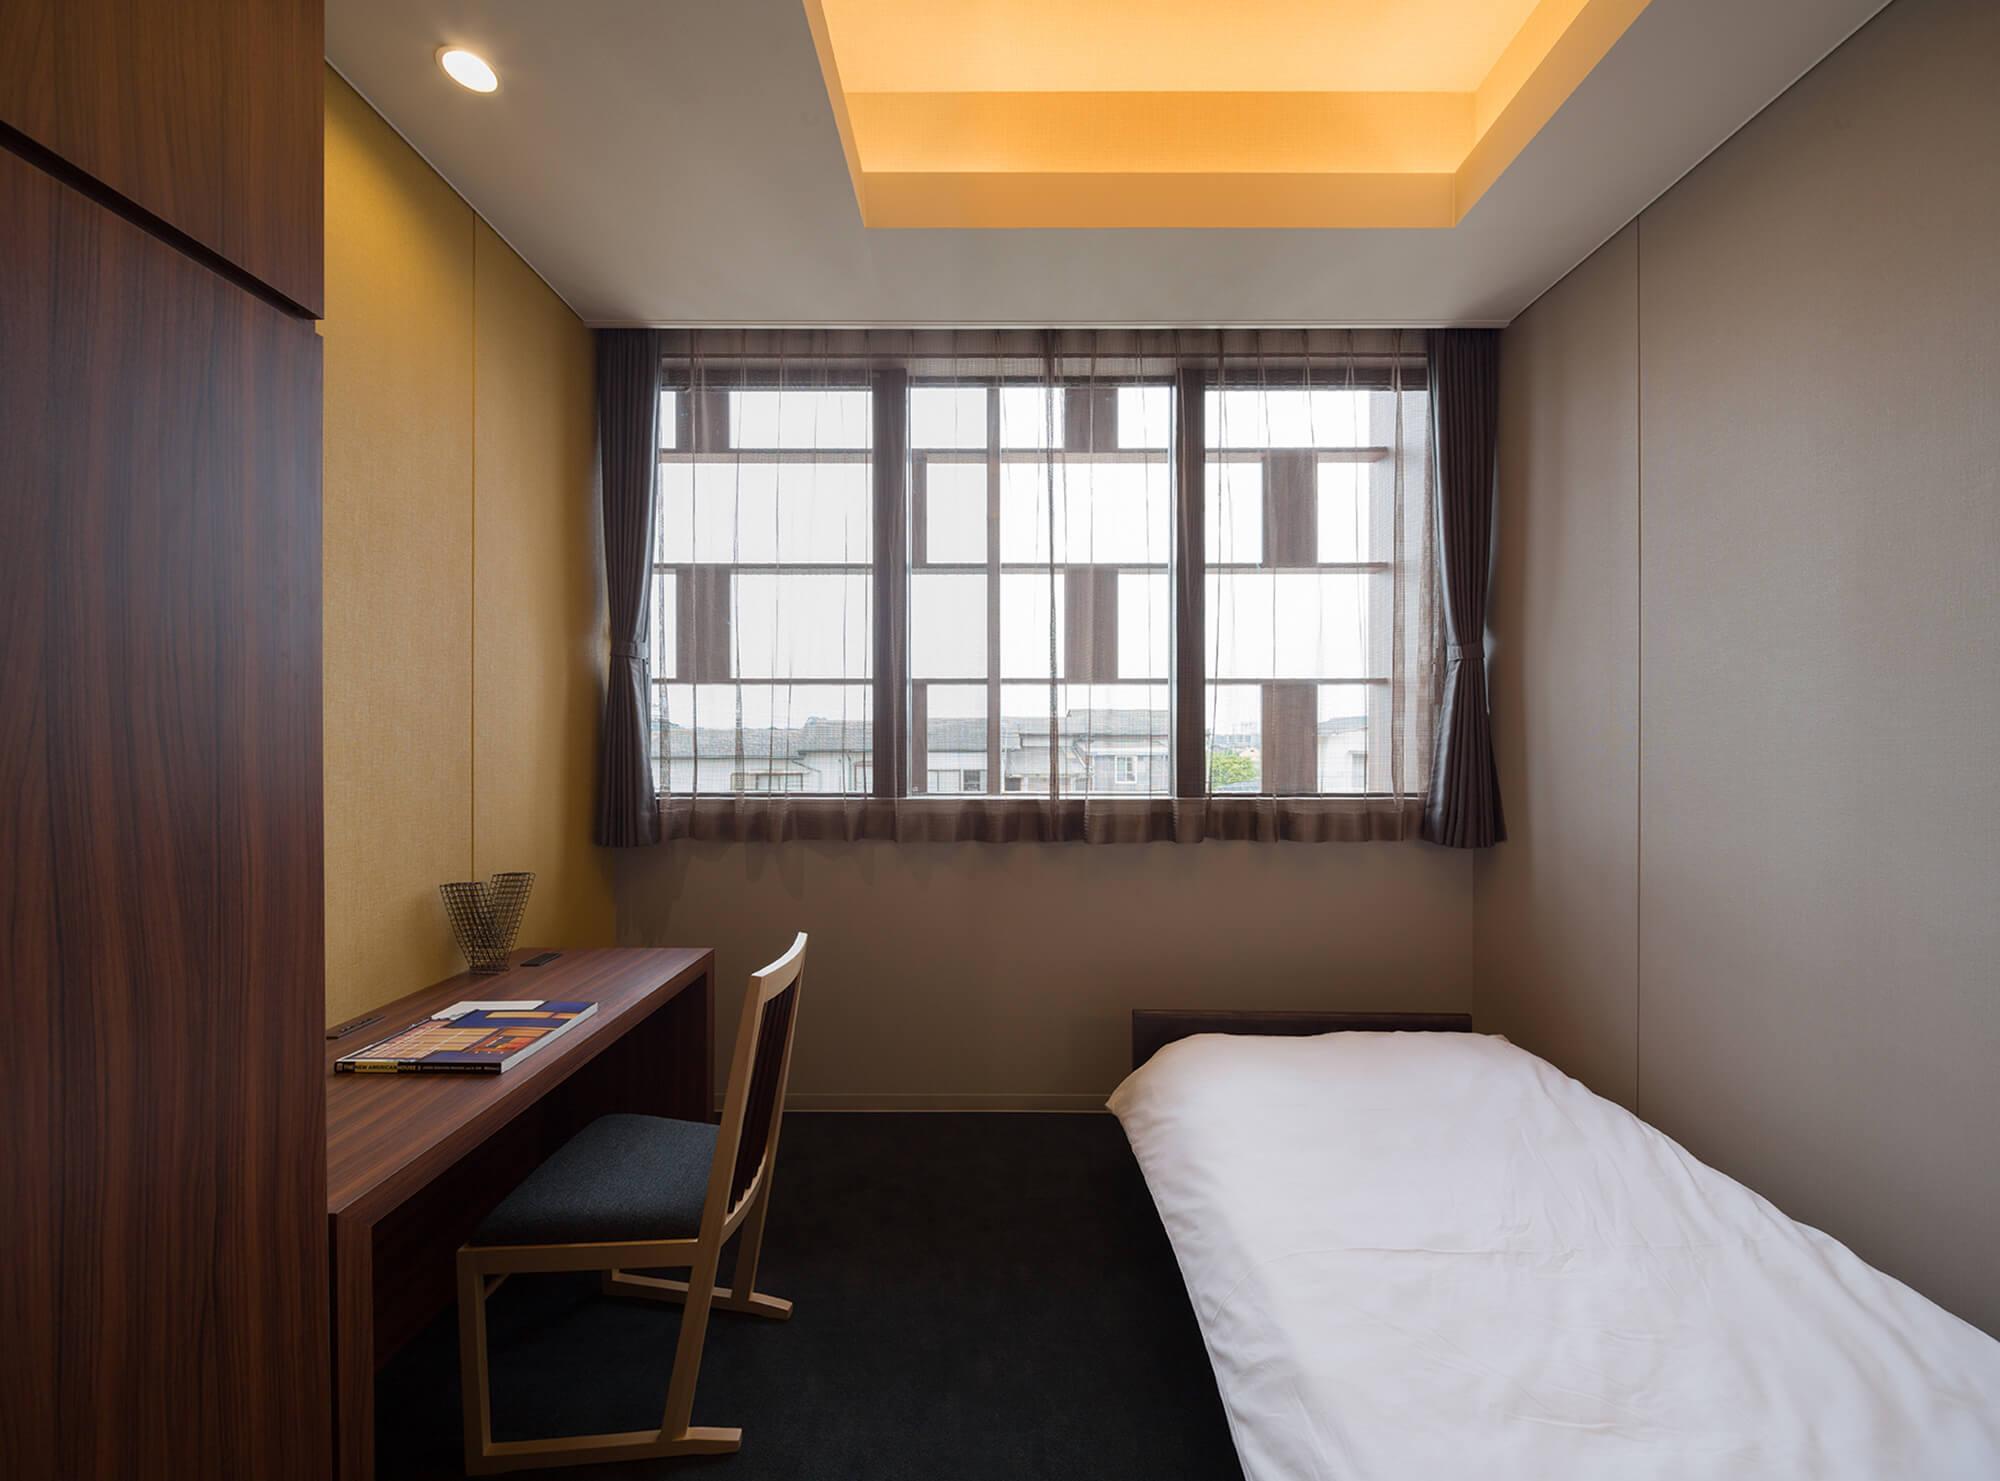 『いぬお病院』建築写真・竣工写真・インテリア写真20